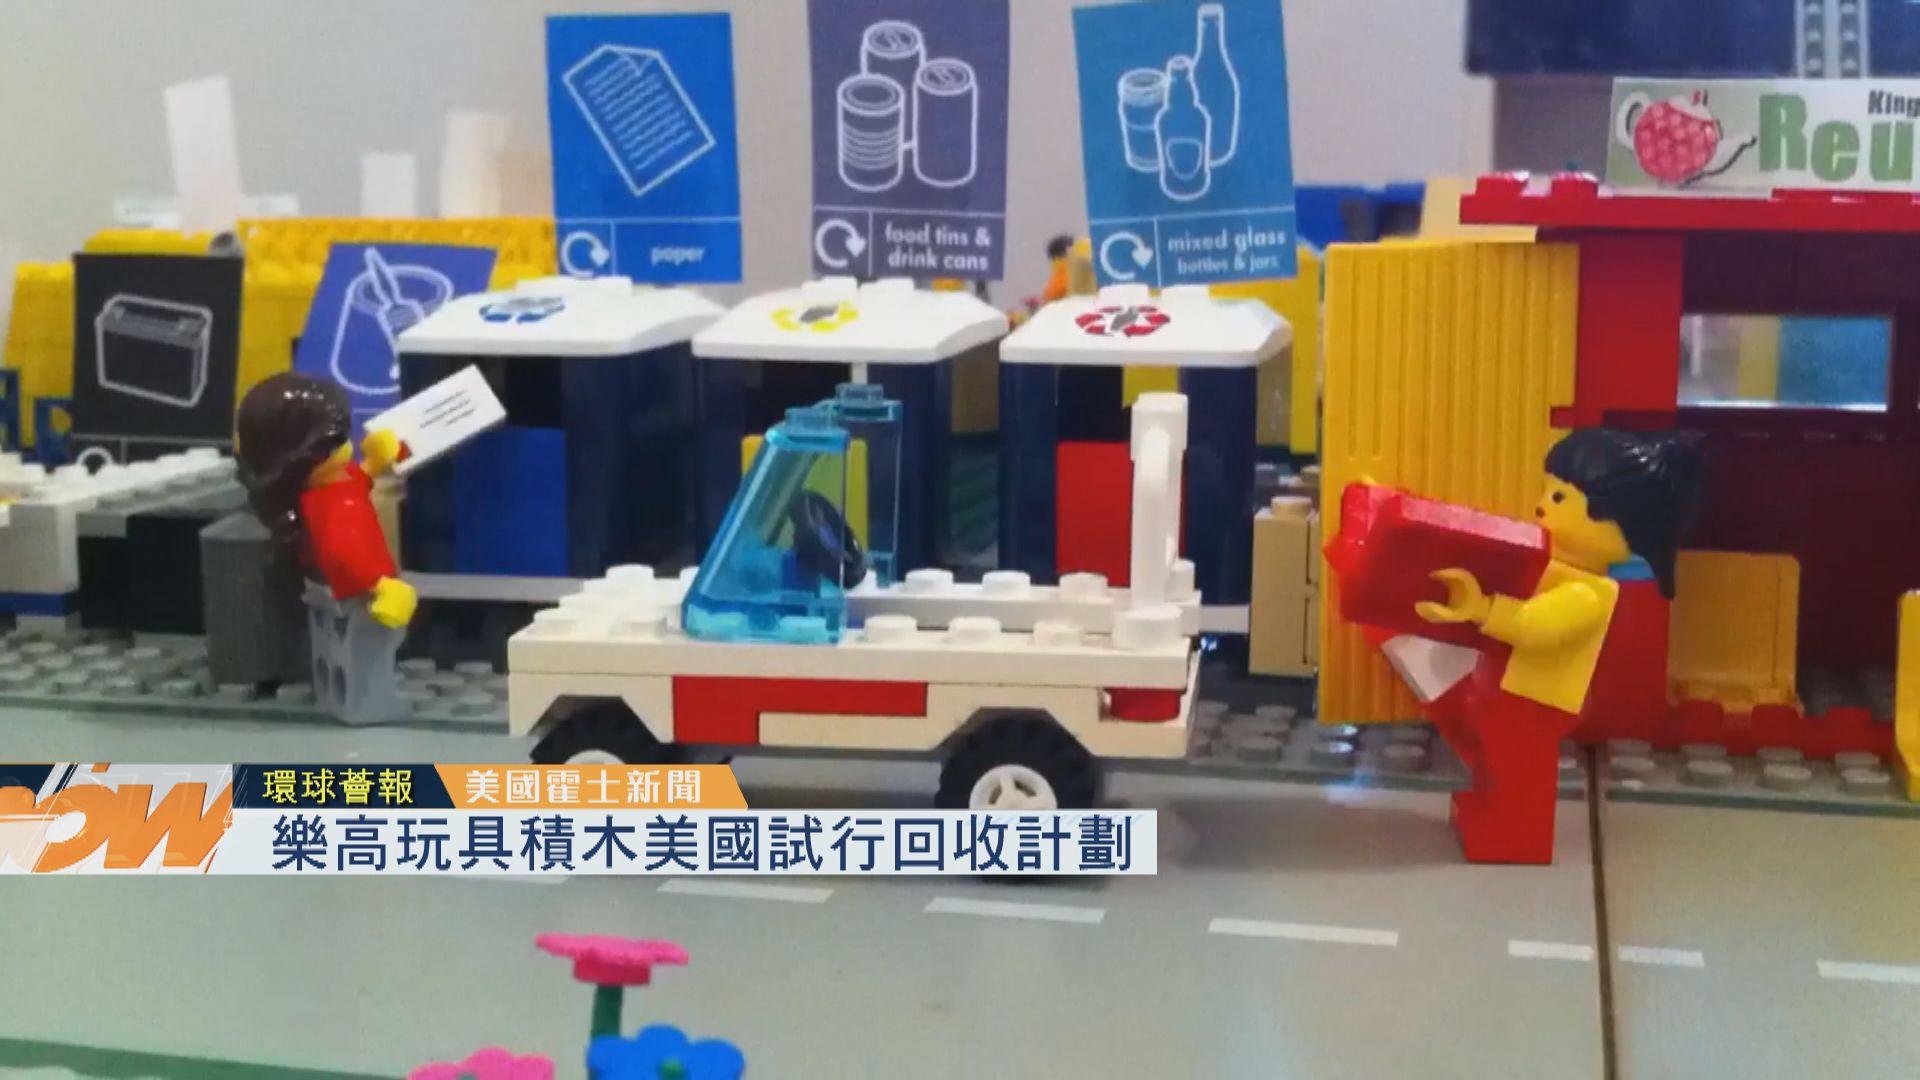 【環球薈報】樂高玩具積木美國試行回收計劃